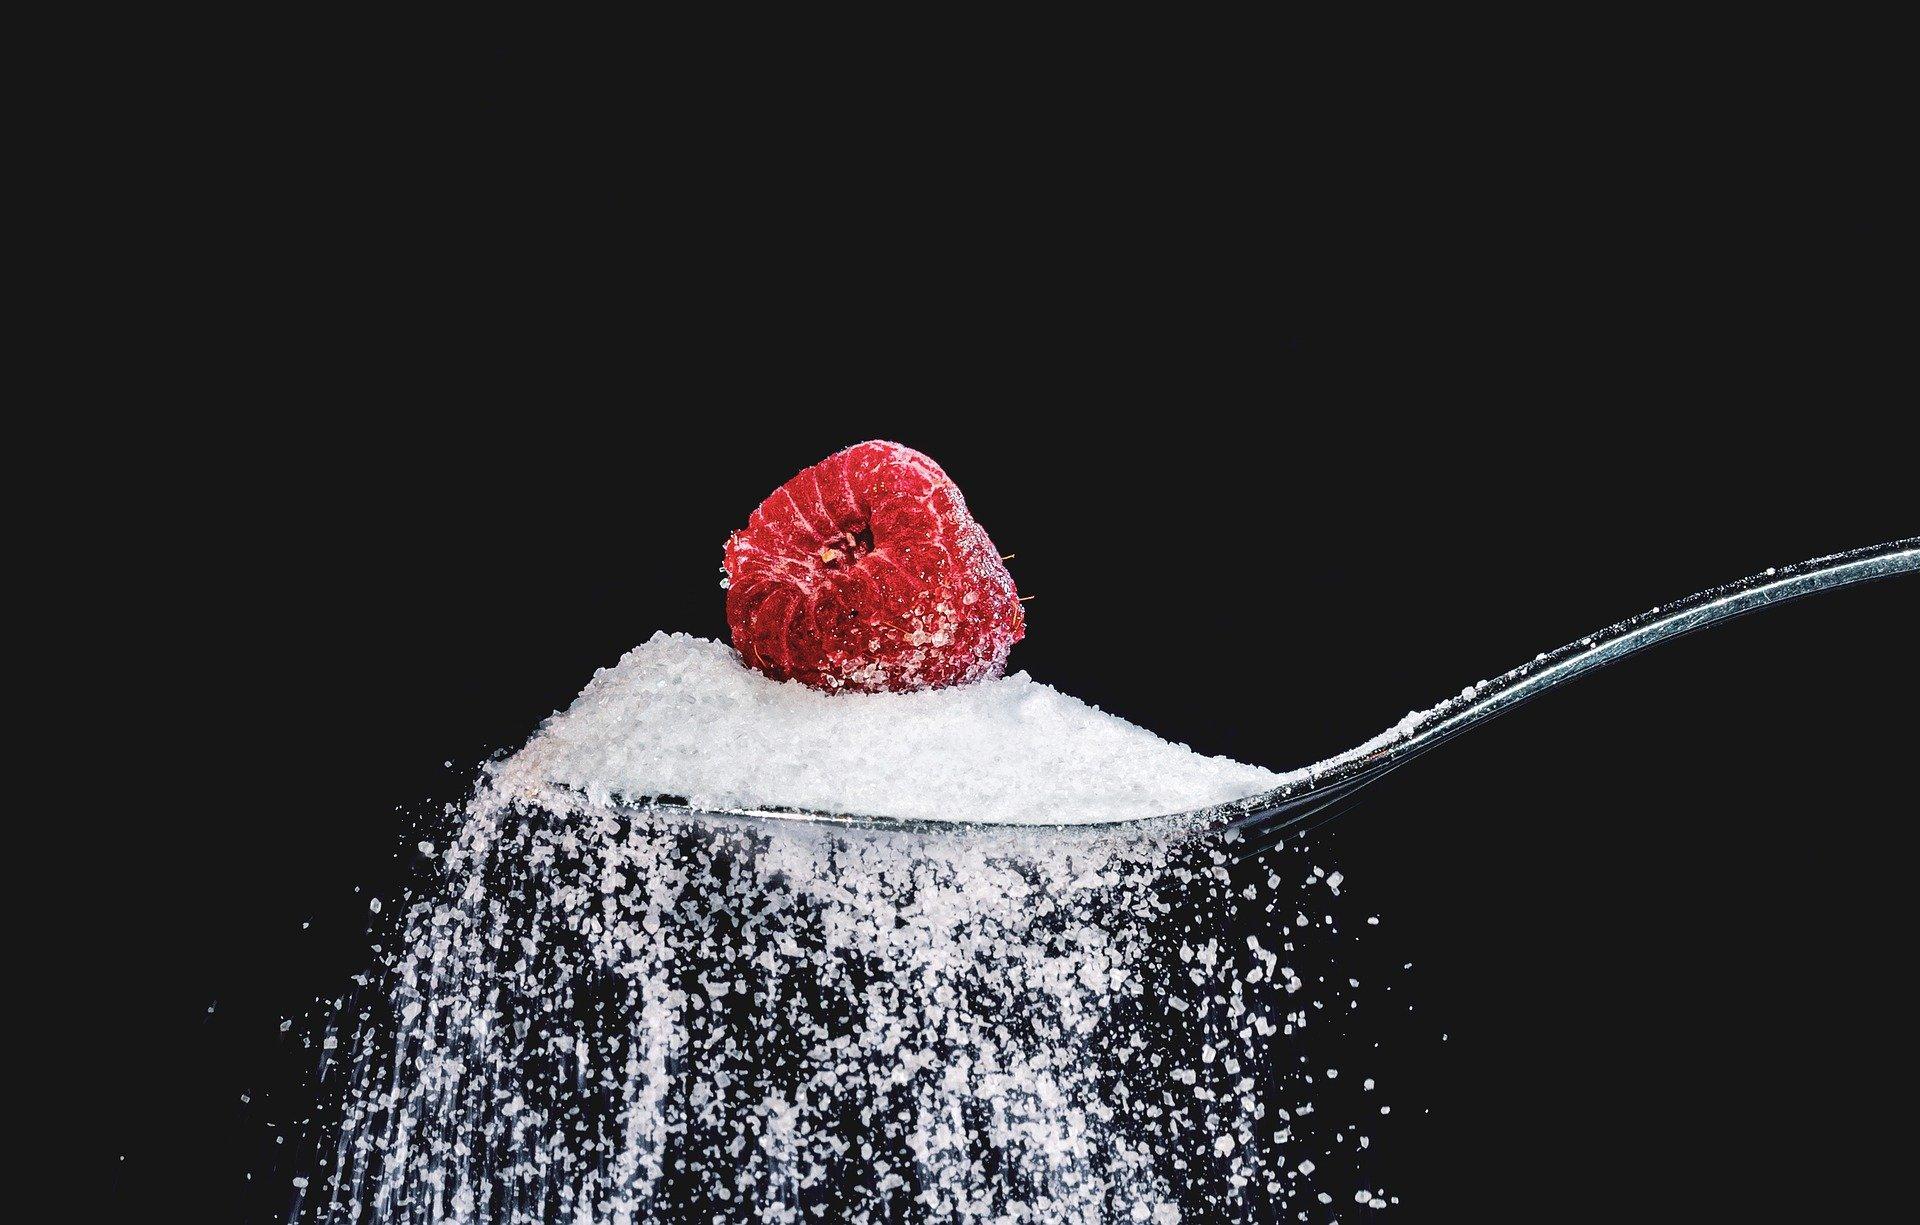 baisser sa consommation de sucre pour maigrir vite